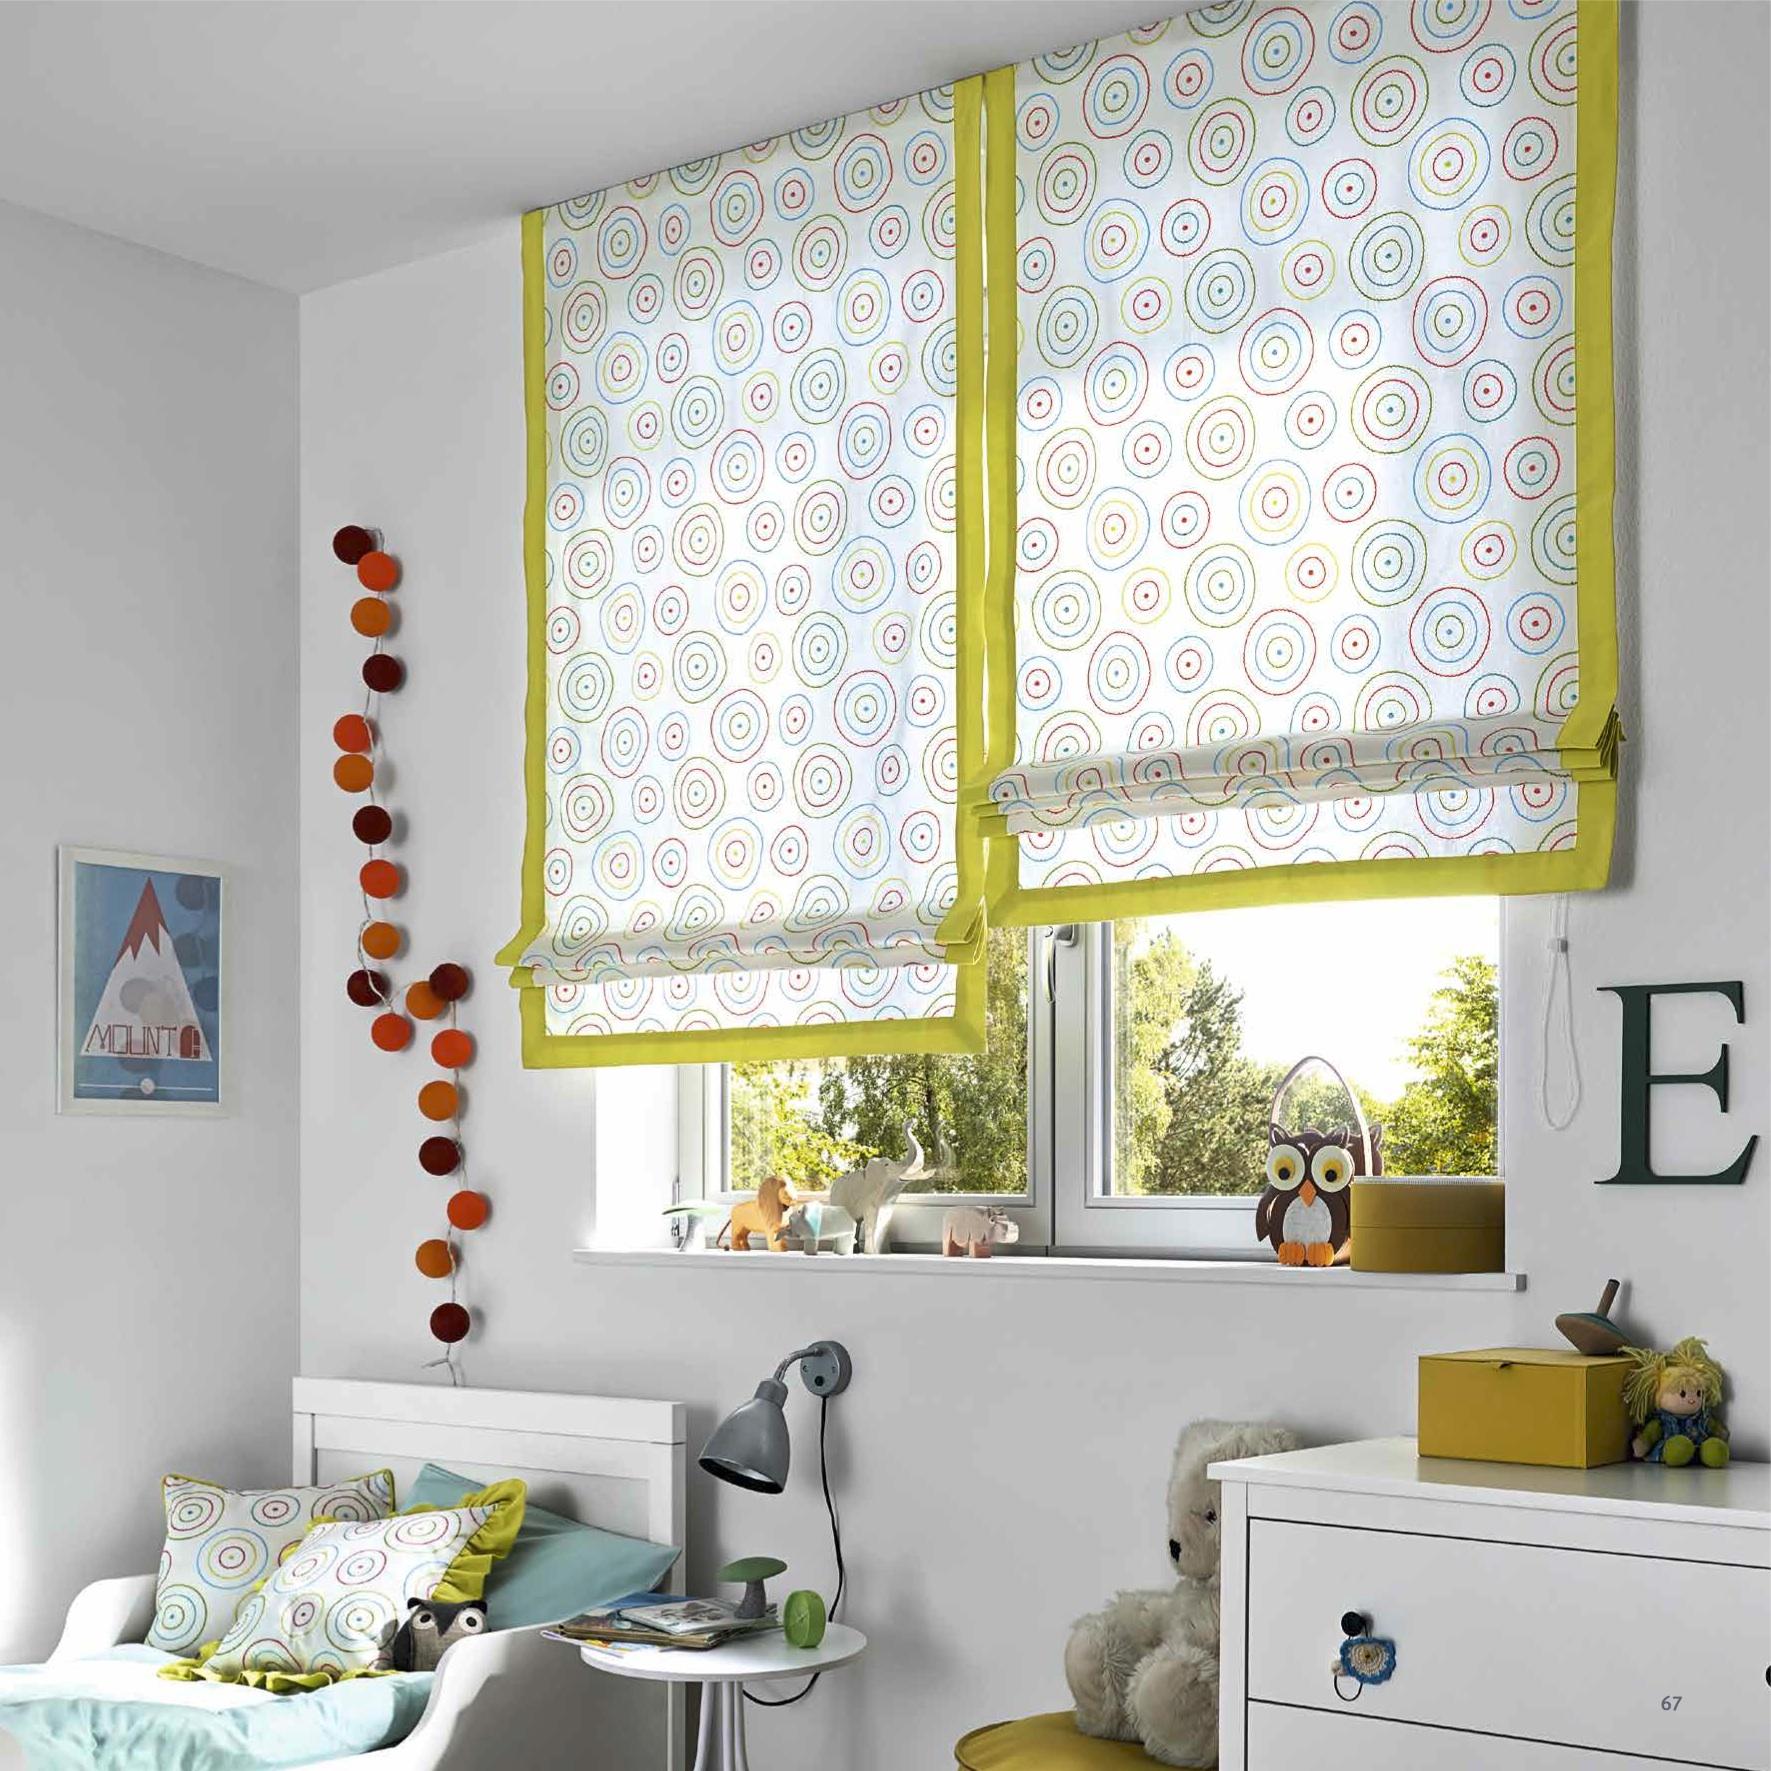 raffrollo waschen great rollo with raffrollo waschen interesting well suited ideas raffrollo. Black Bedroom Furniture Sets. Home Design Ideas